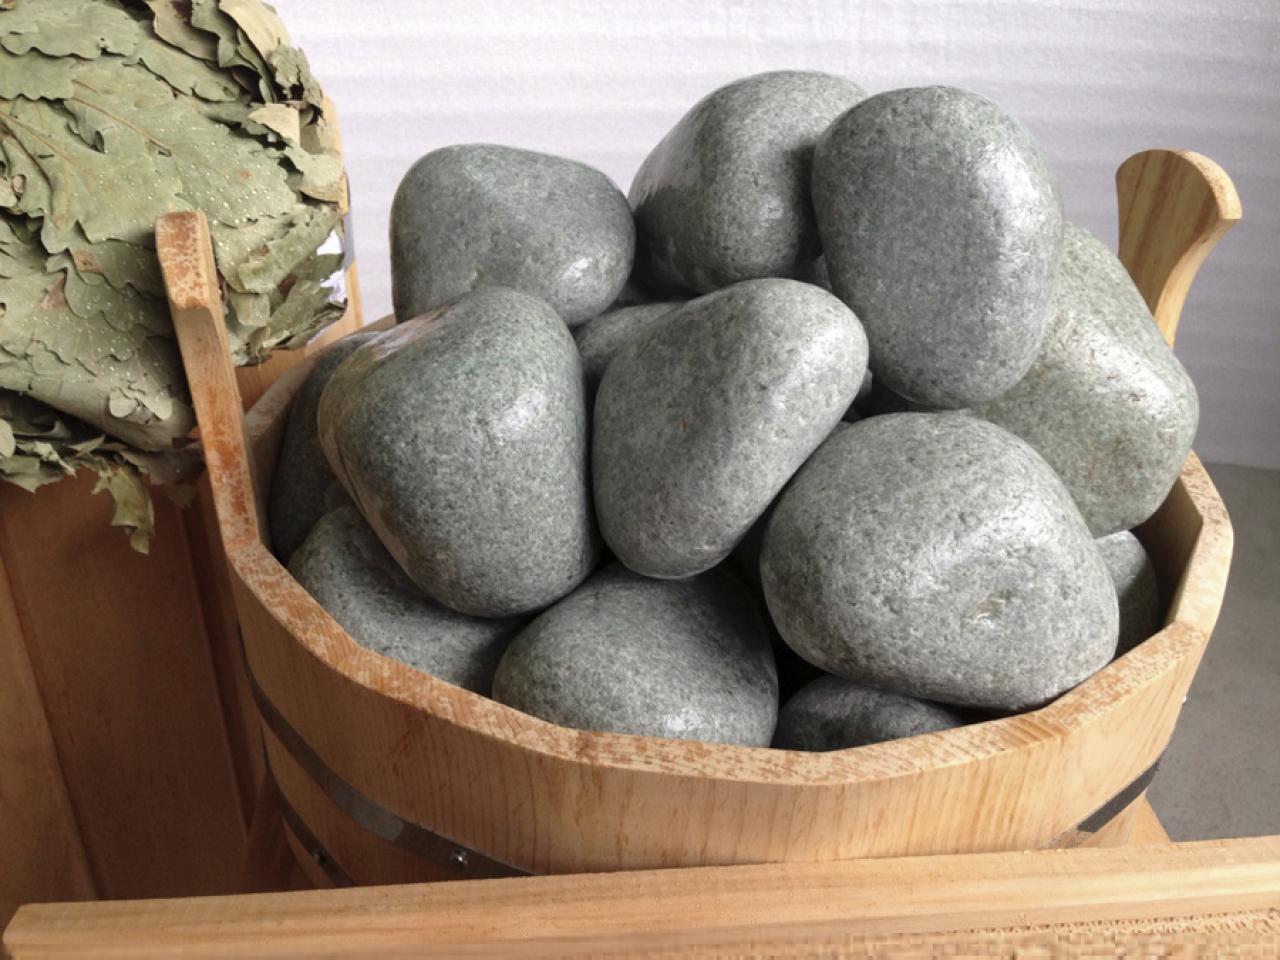 Камни для бани (45 фото): какие лучше и как правильно выбрать